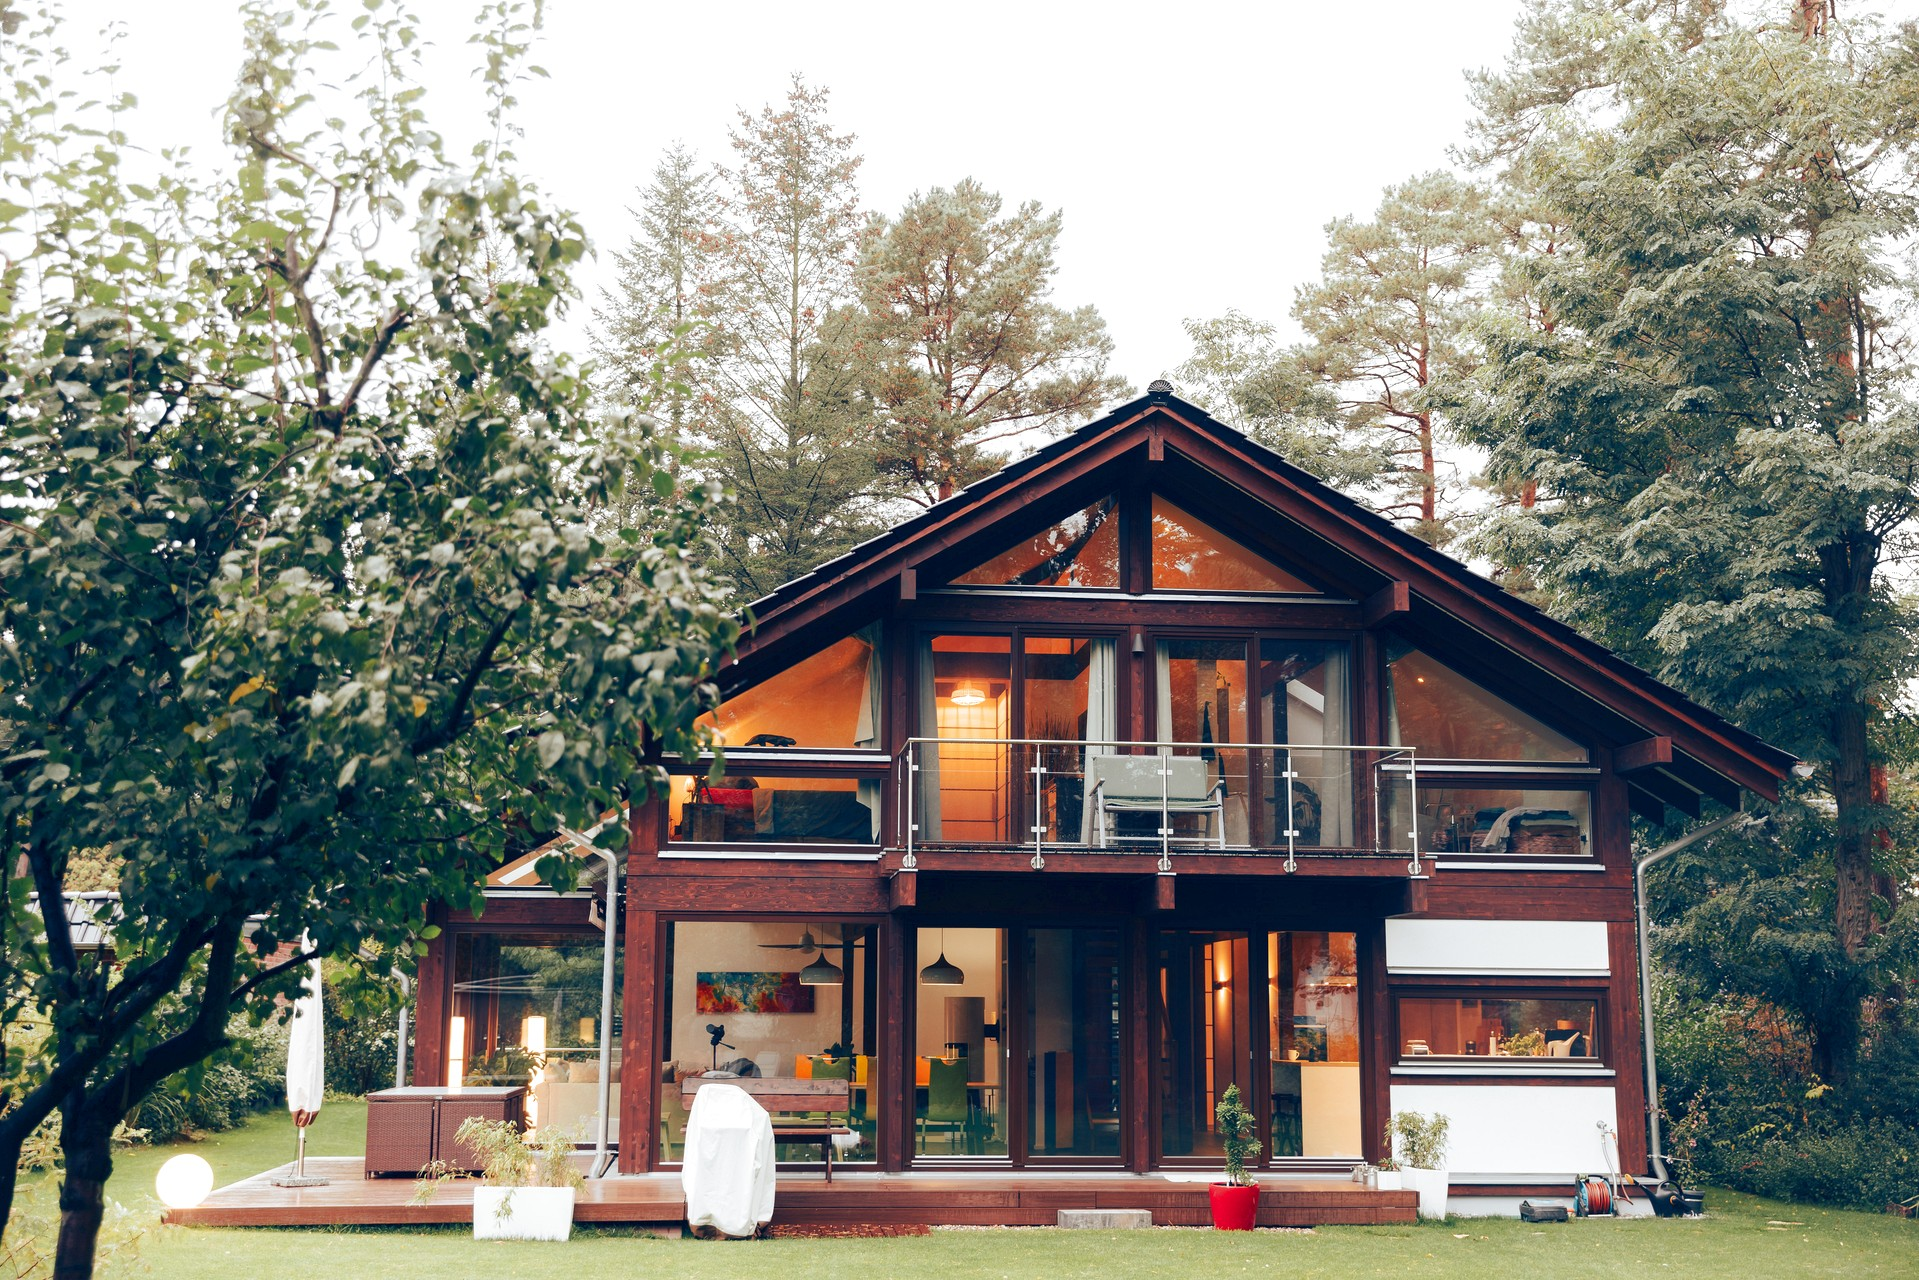 Modernes Fachwerk Haus Landhaus Braune Konstruktion Holzstaenderhaus Holzskelett 21